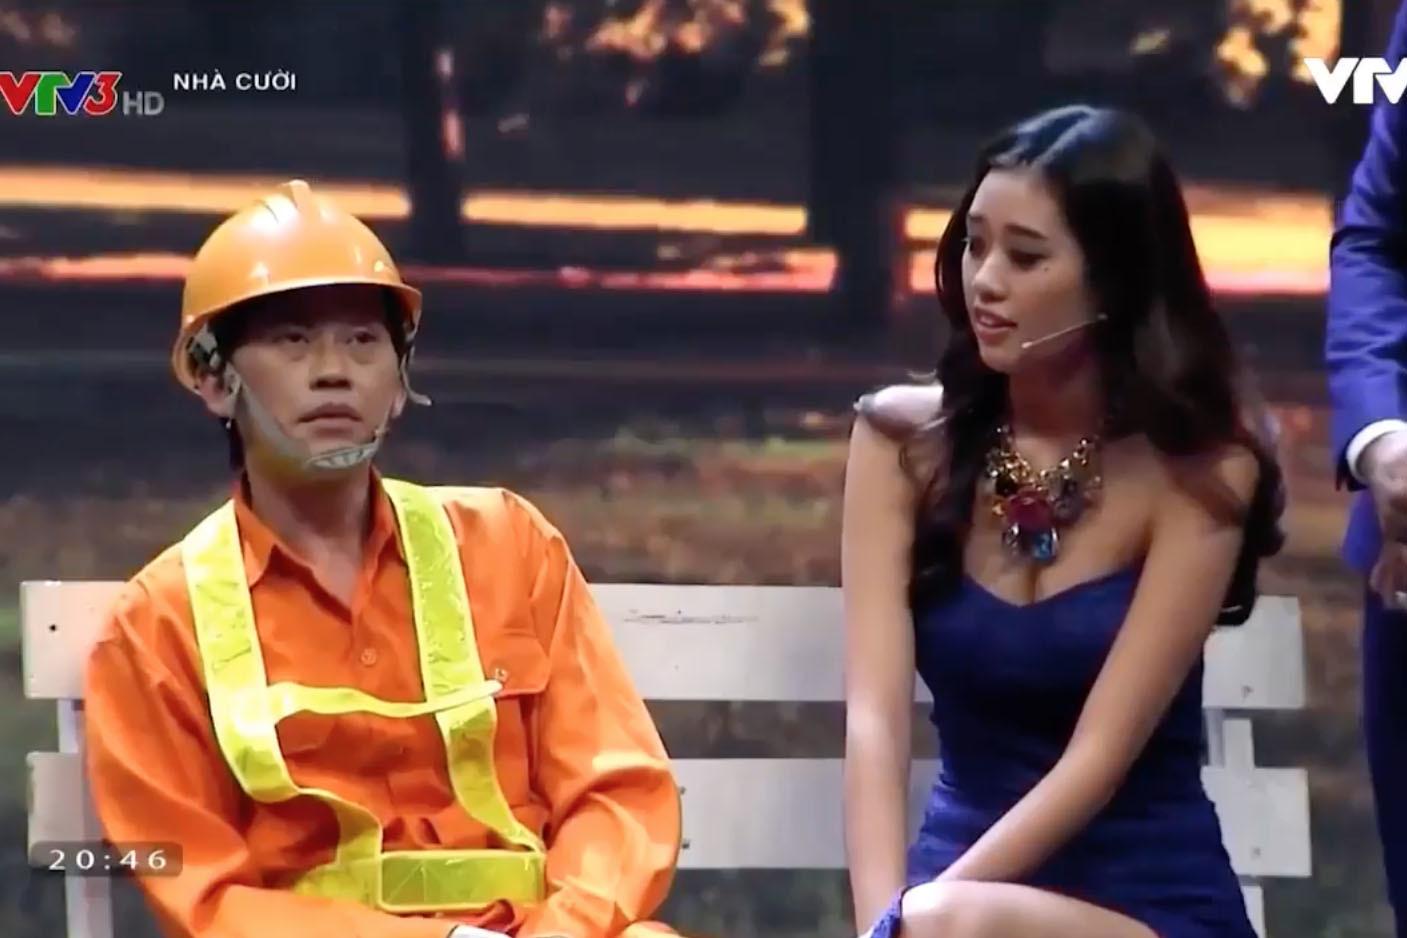 Tân Hoa hậu Khánh Vân giành 20 triệu khi đóng hài cùng Hoài Linh, Xuân Bắc